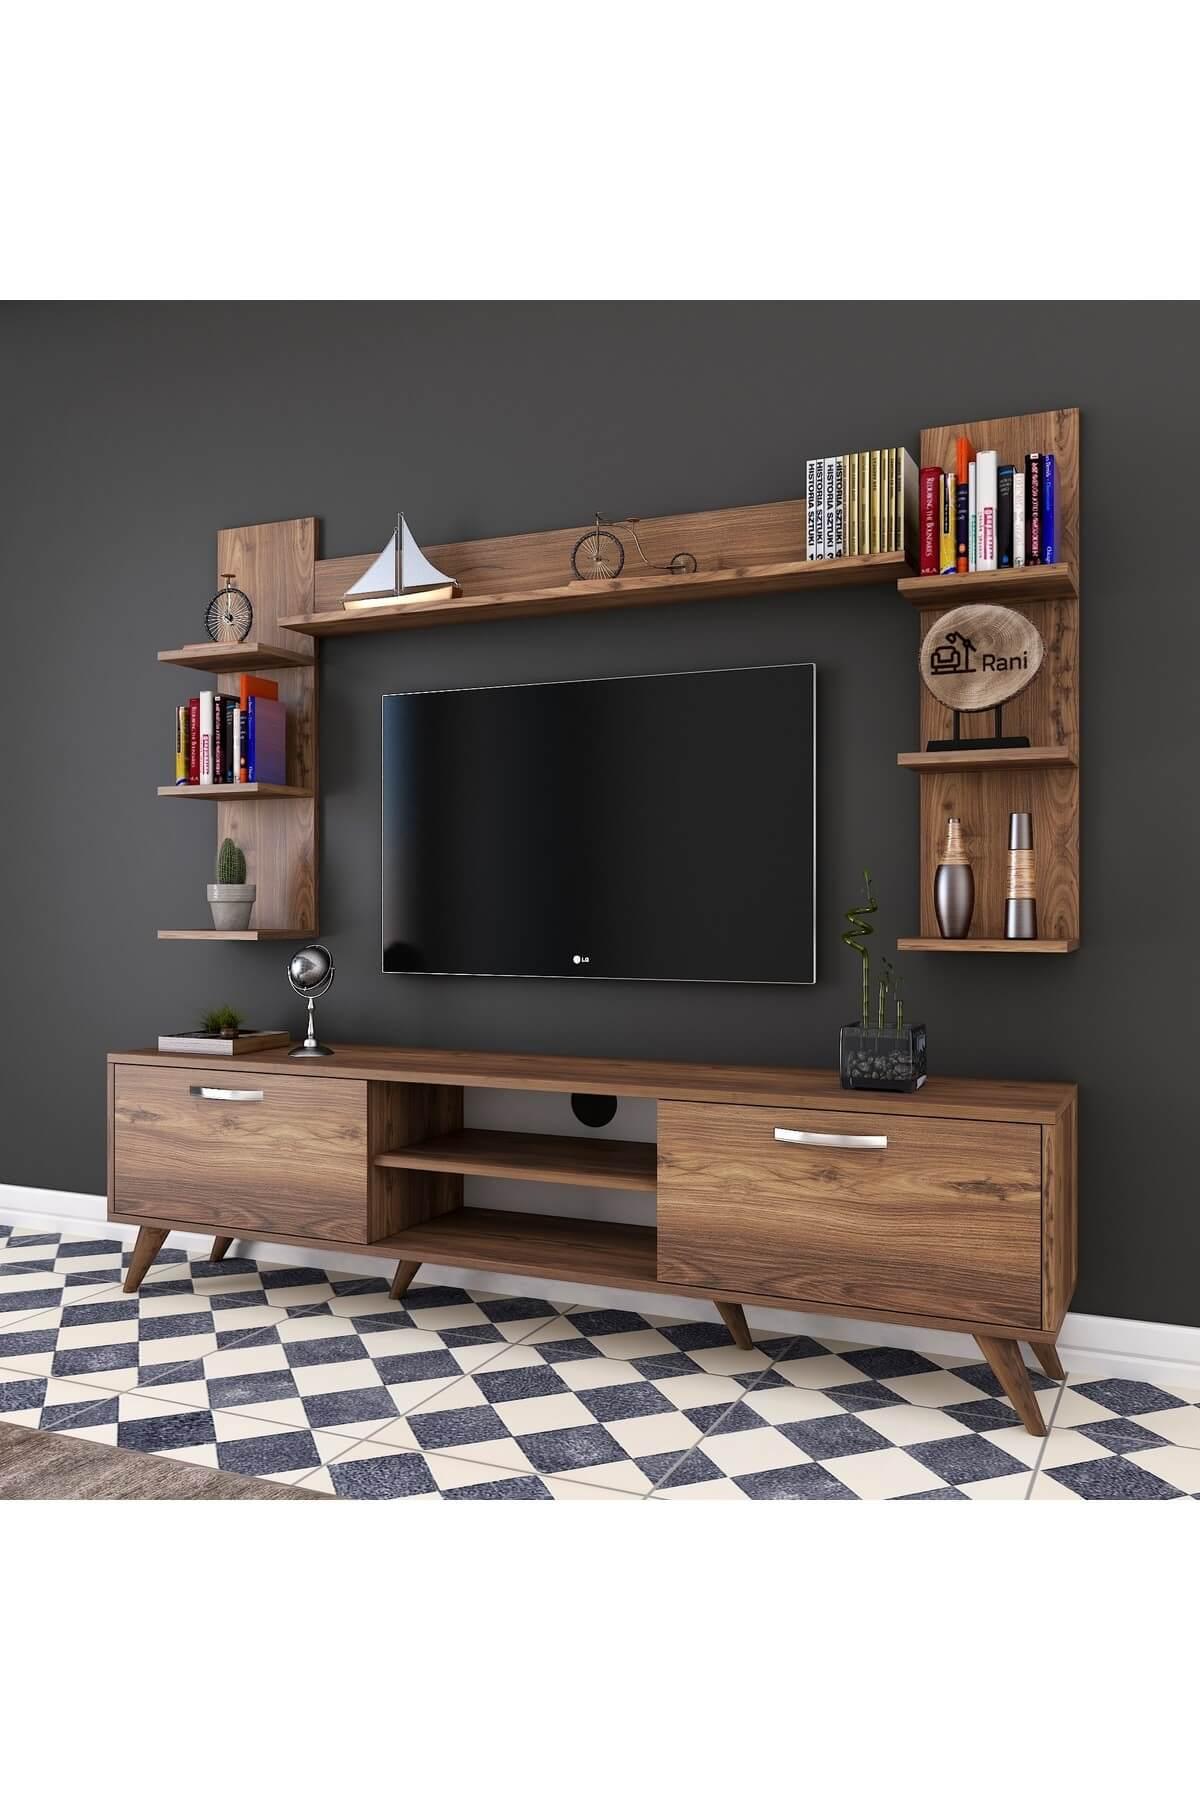 Rani Mobilya A9 Duvar Raflı Kitaplıklı Tv Ünitesi Duvara Monte Dolaplı Modern Ayaklı Tv Sehpası Ceviz M23 1